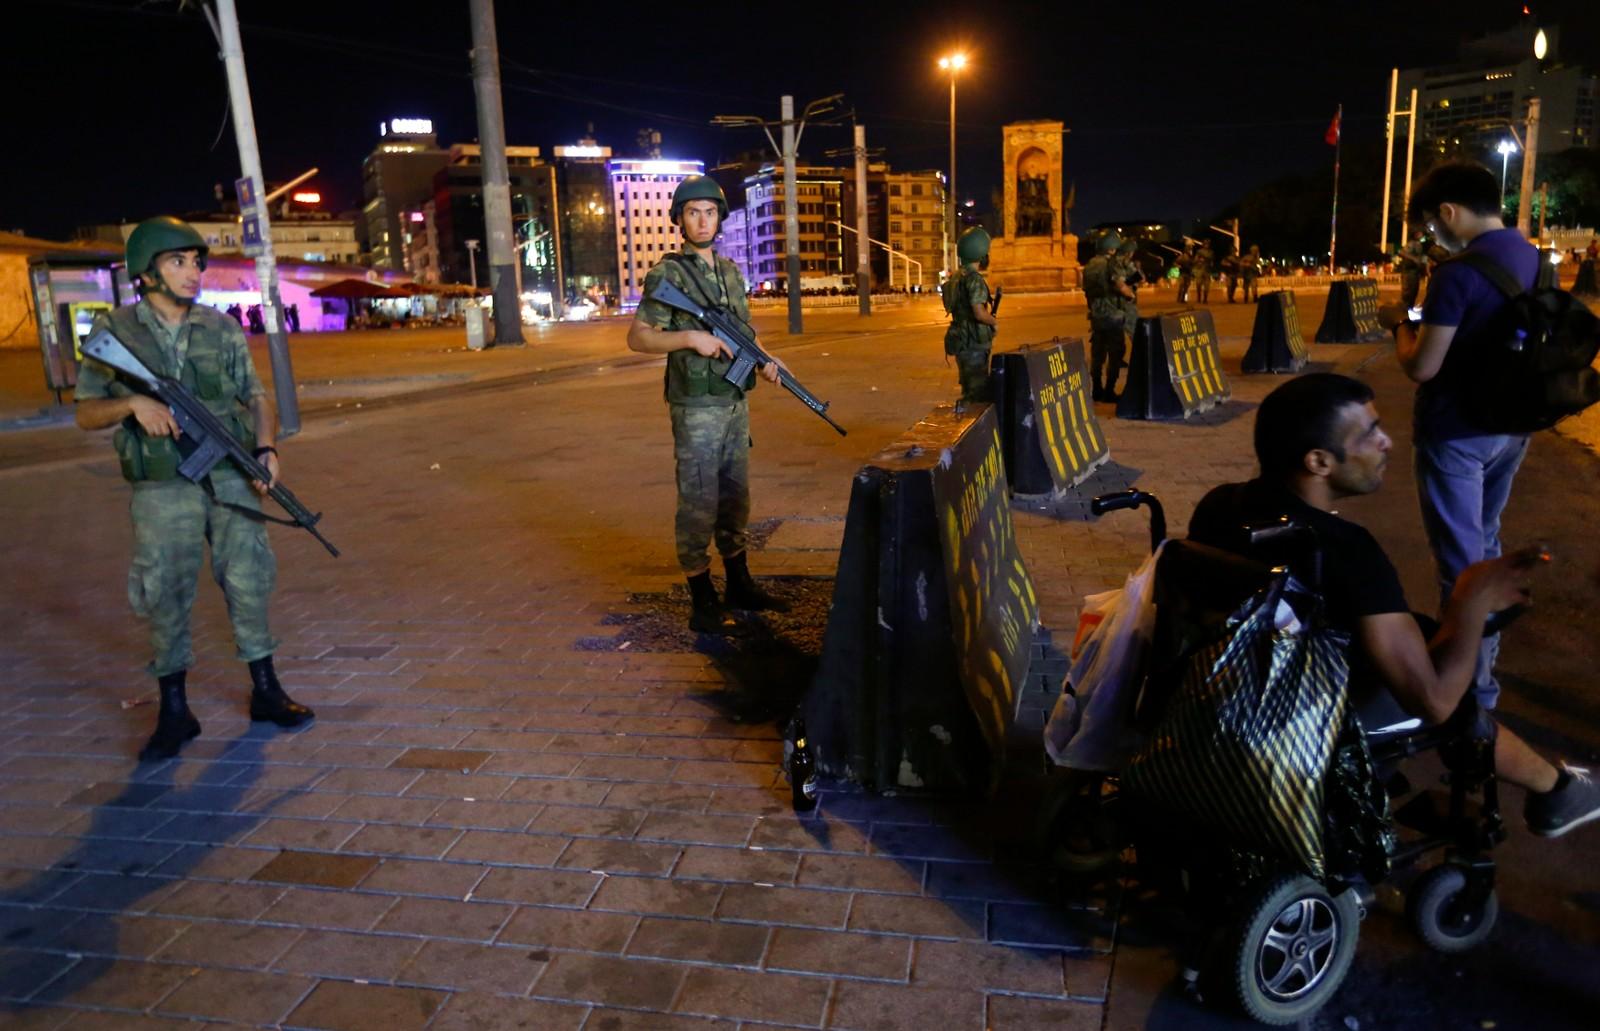 Tyrkisk militæret står vakt nær Taksim-plassen i Istanbul.